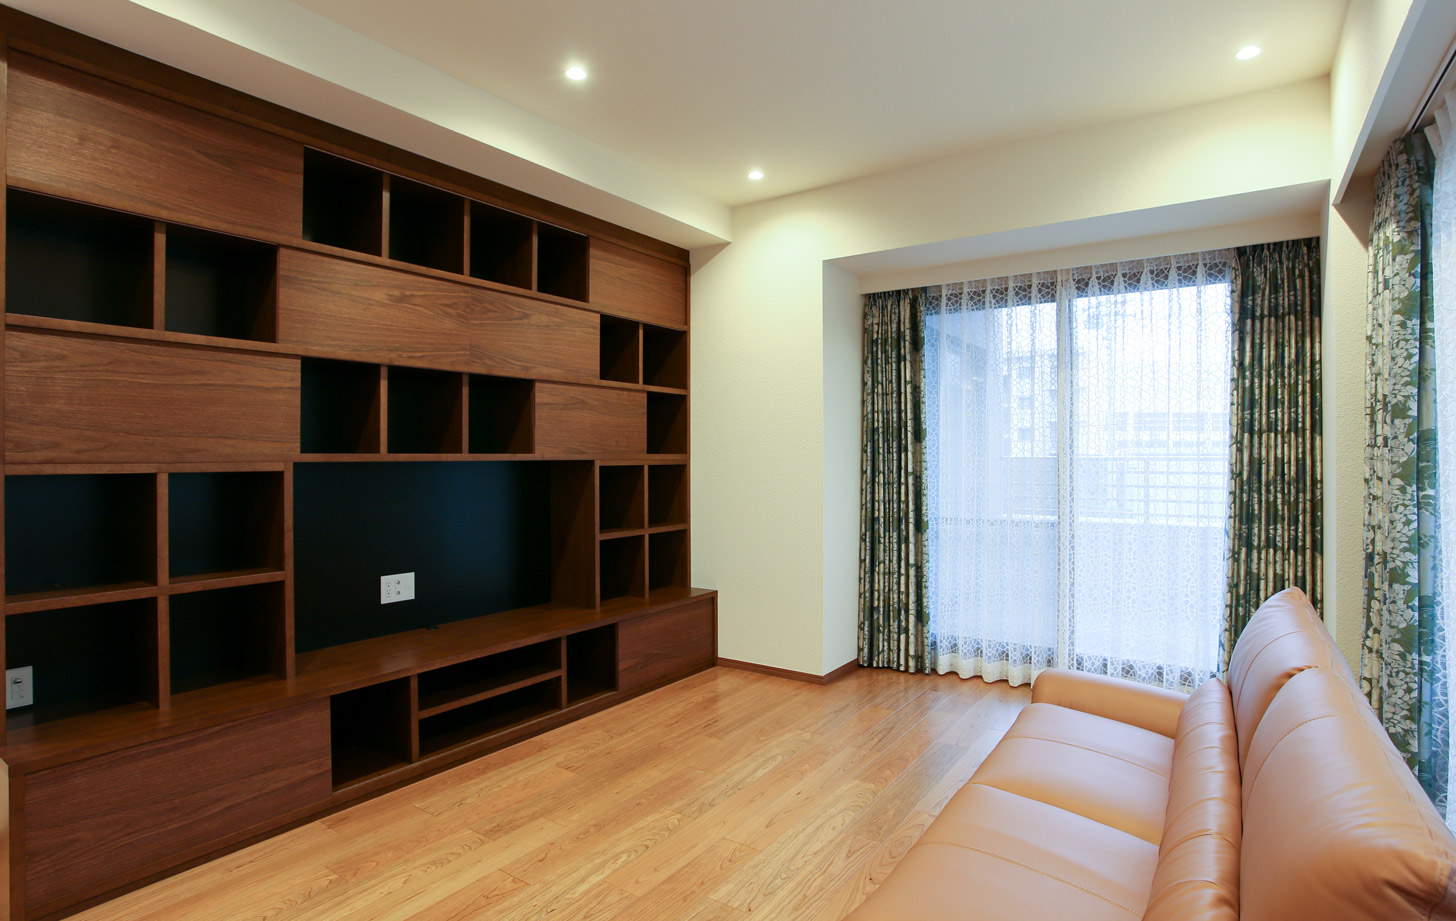 志木市のマンションリノベーション事例